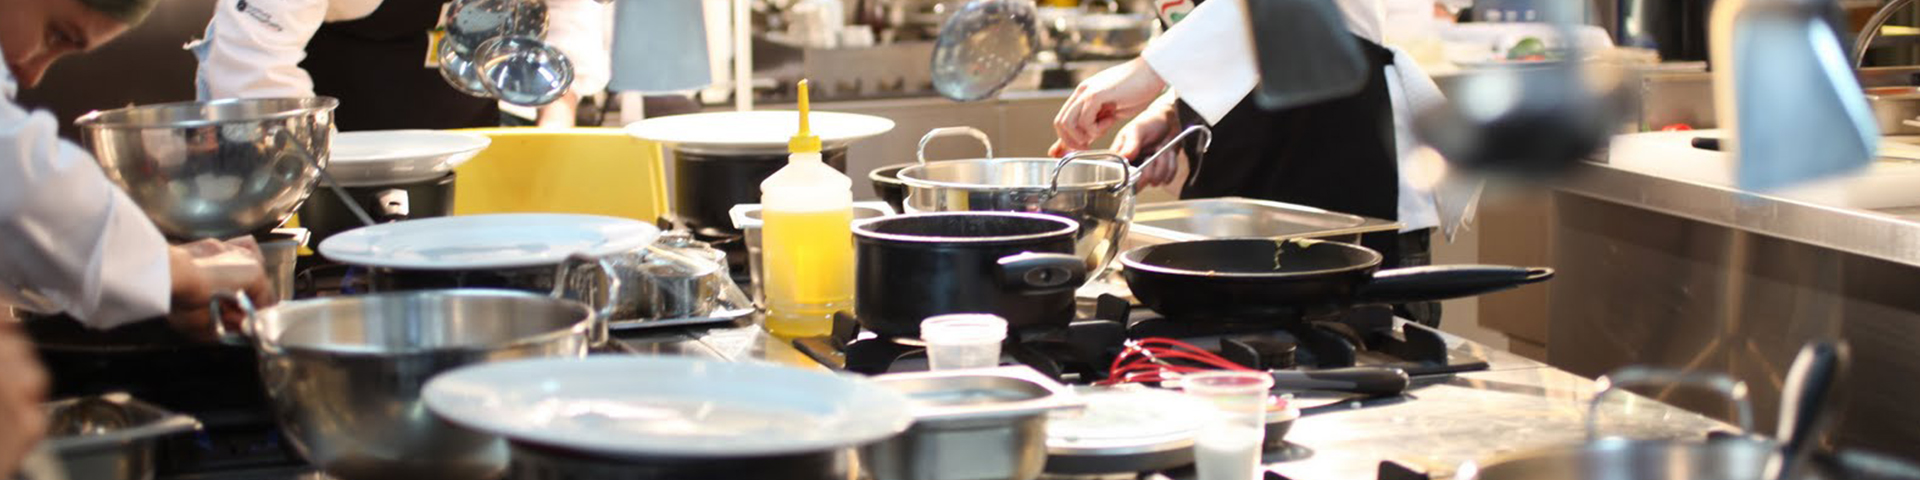 Endüstriyel Bulaşık Yıkama ve Mutfak Hijyeni Grubu